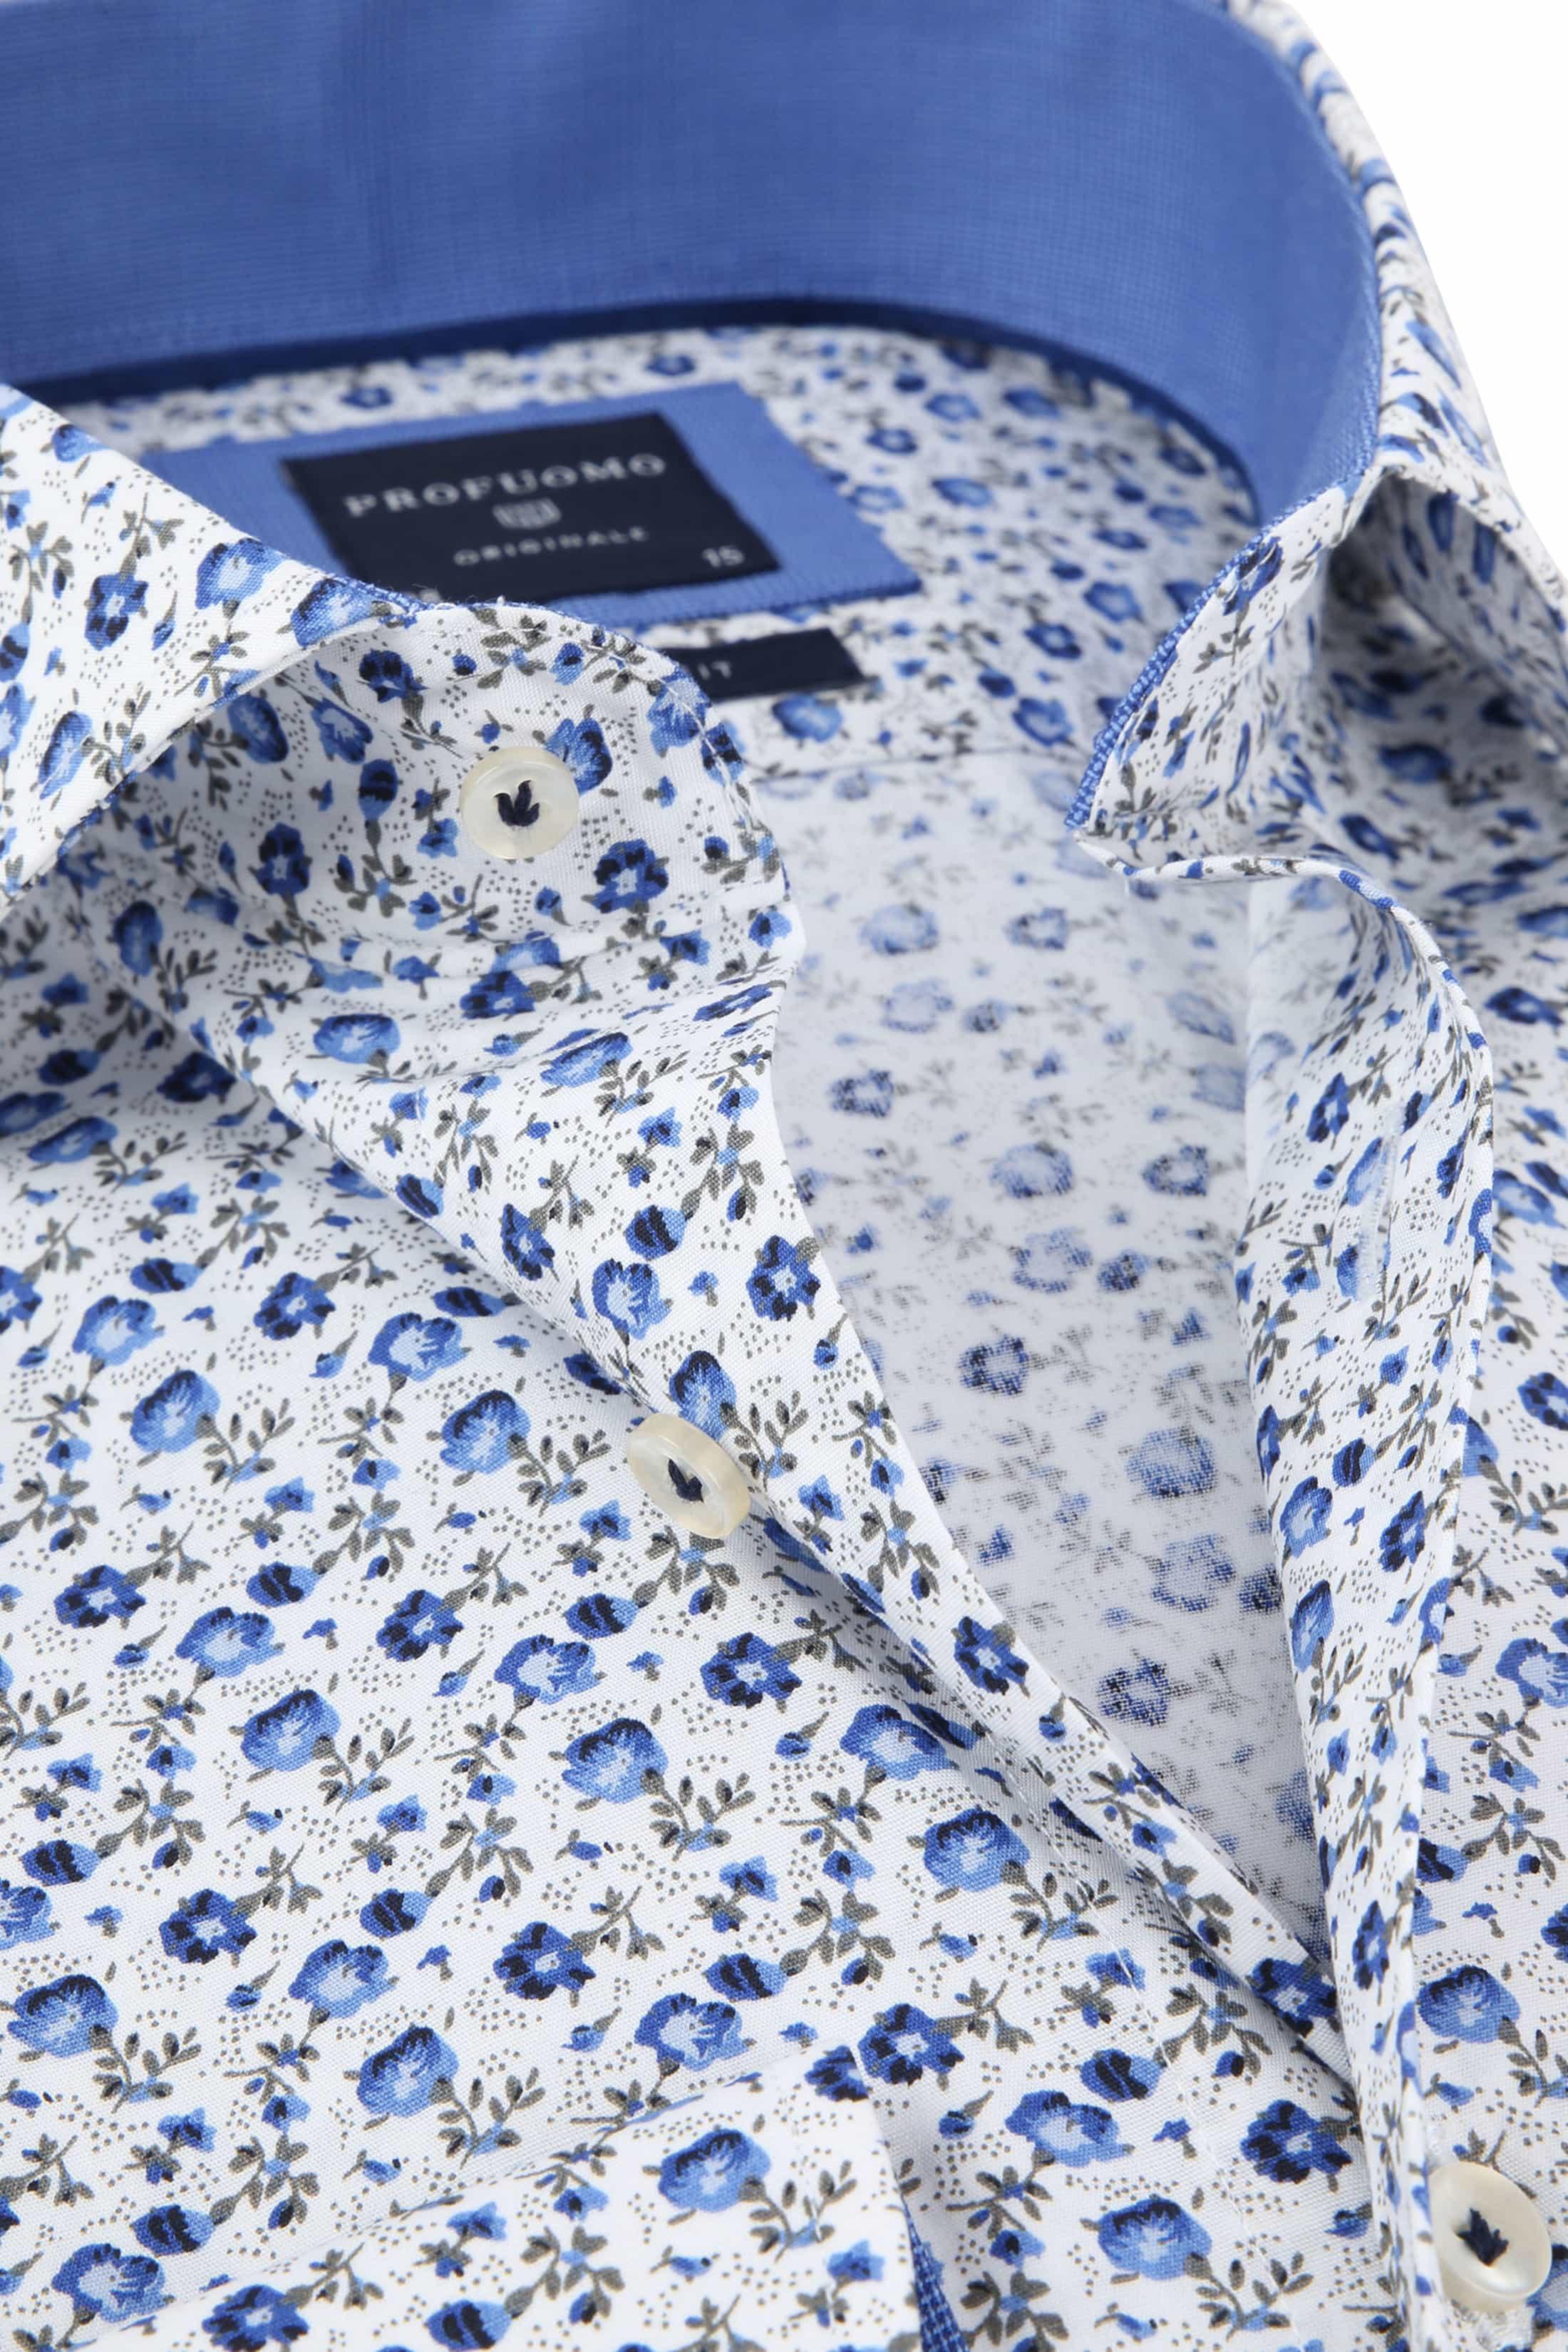 Profuomo Overhemd CAW Bloemen foto 1